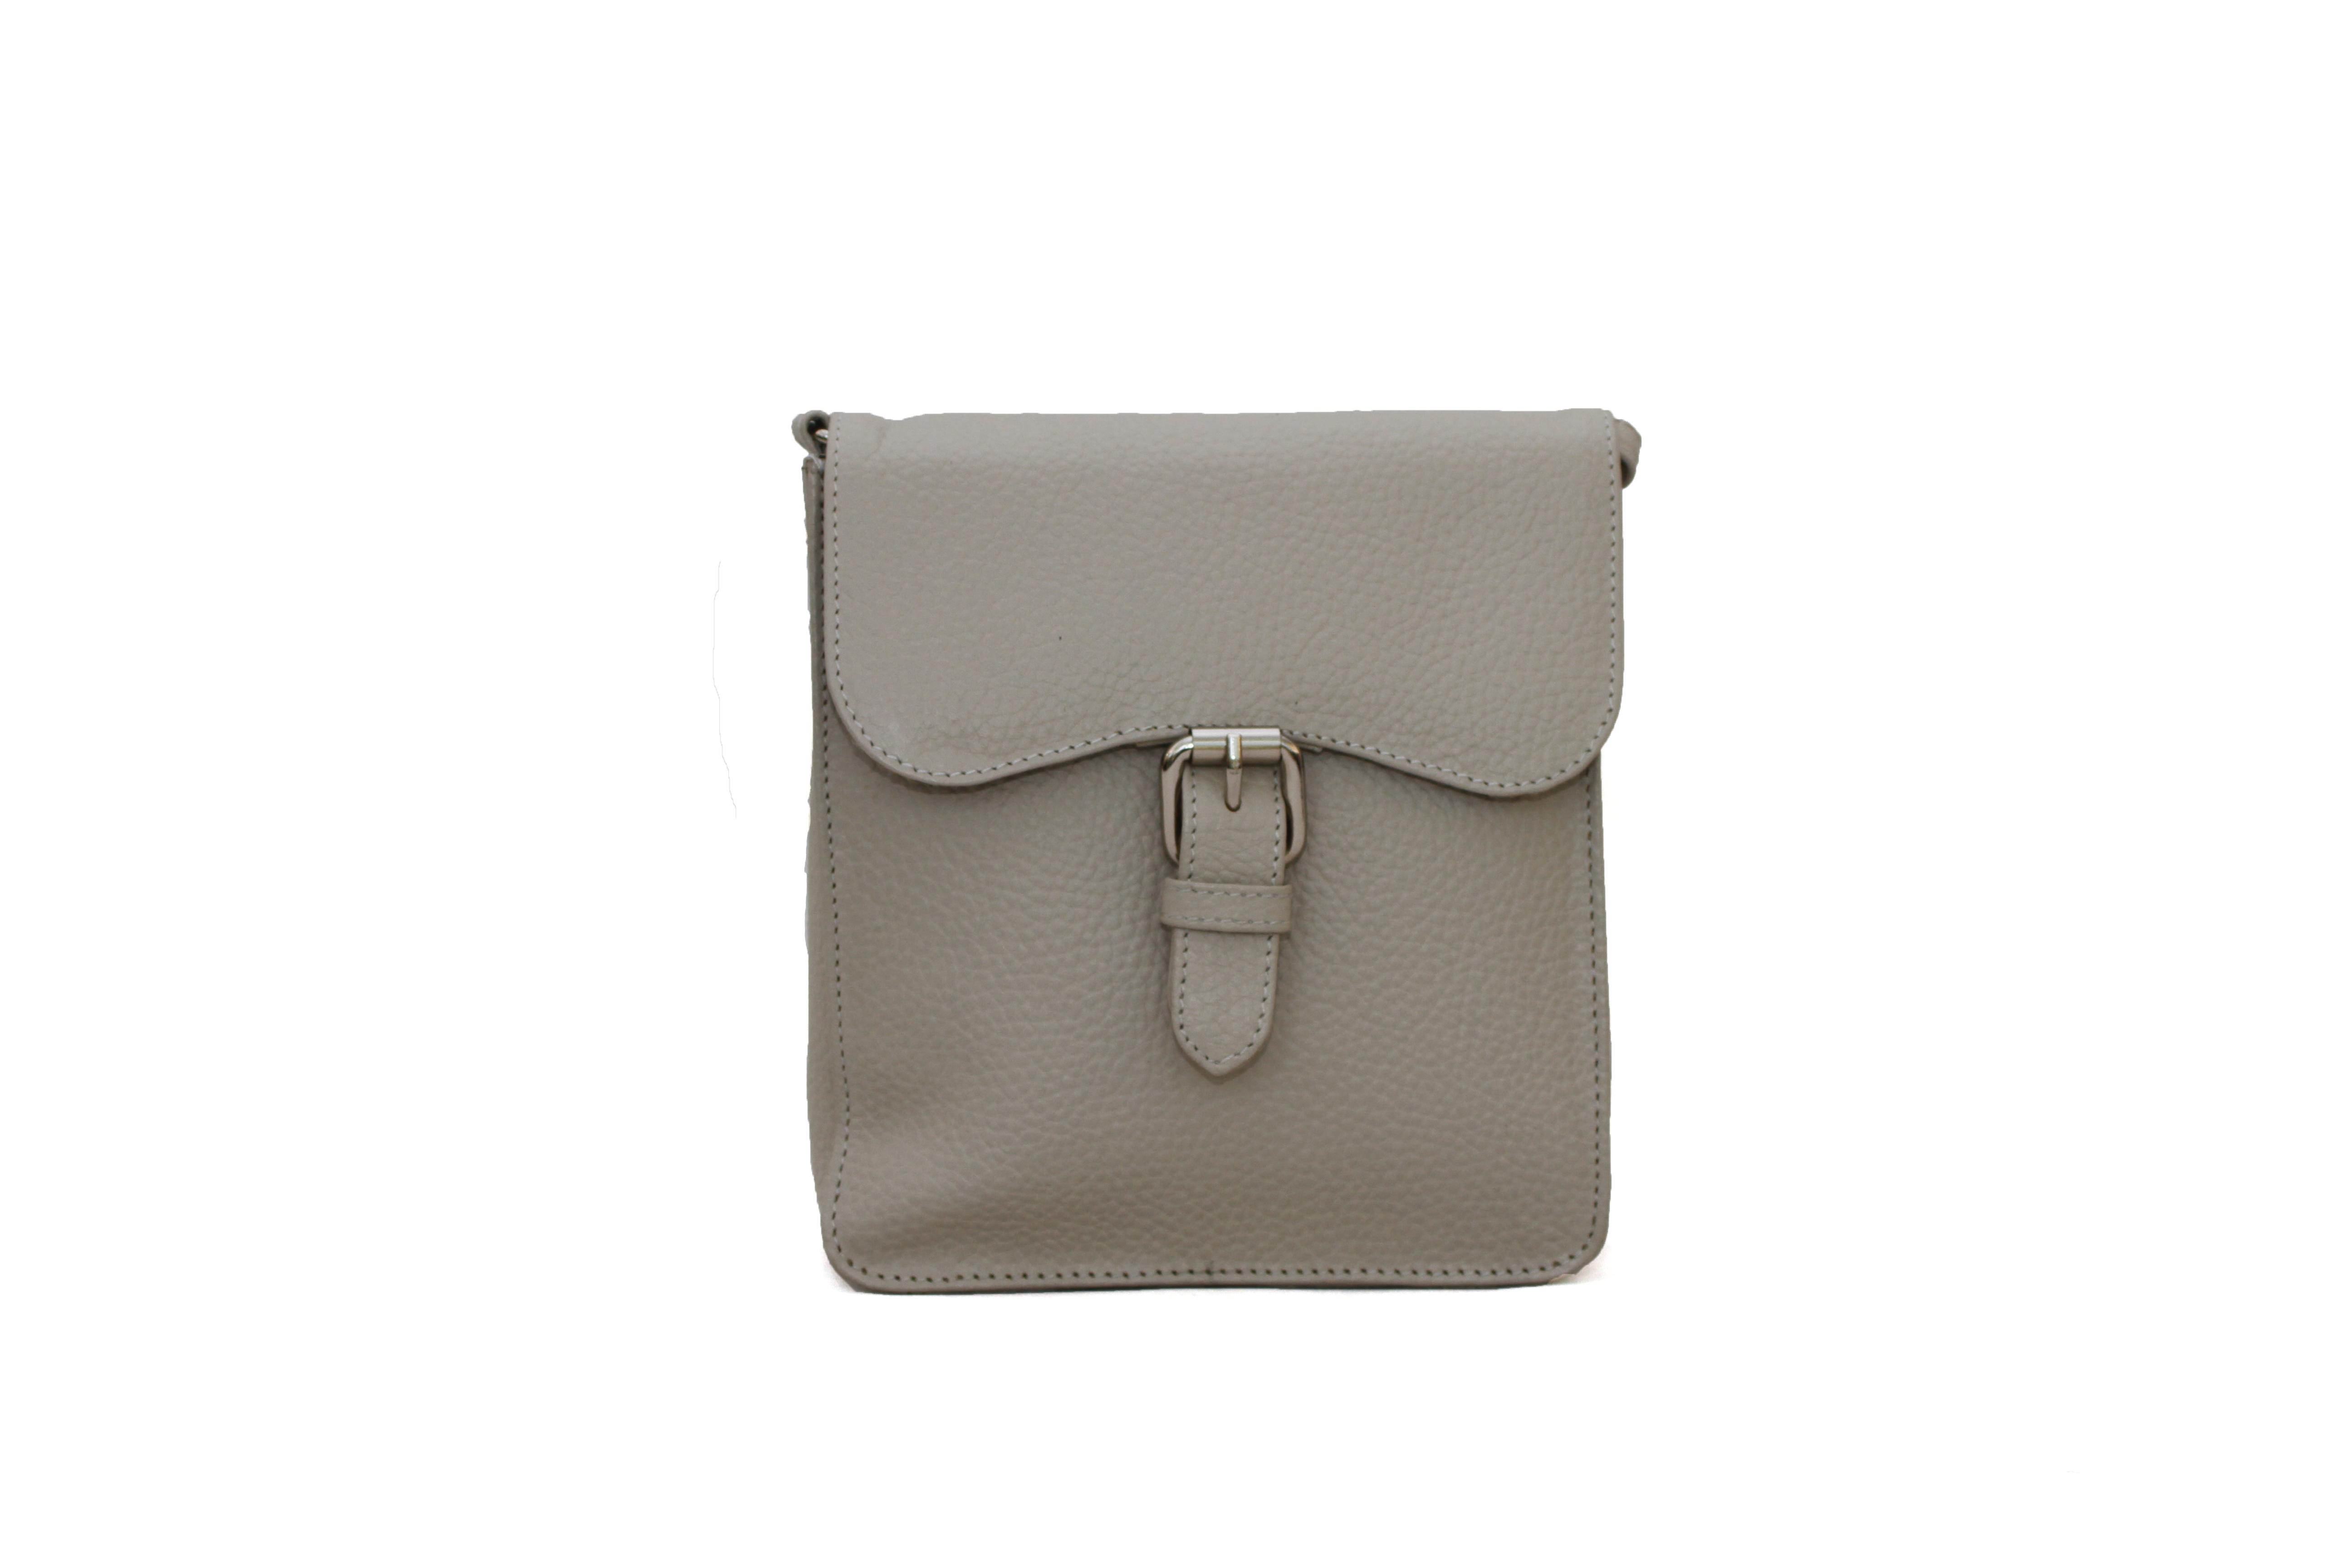 Ebony handbag – available in 5 colours